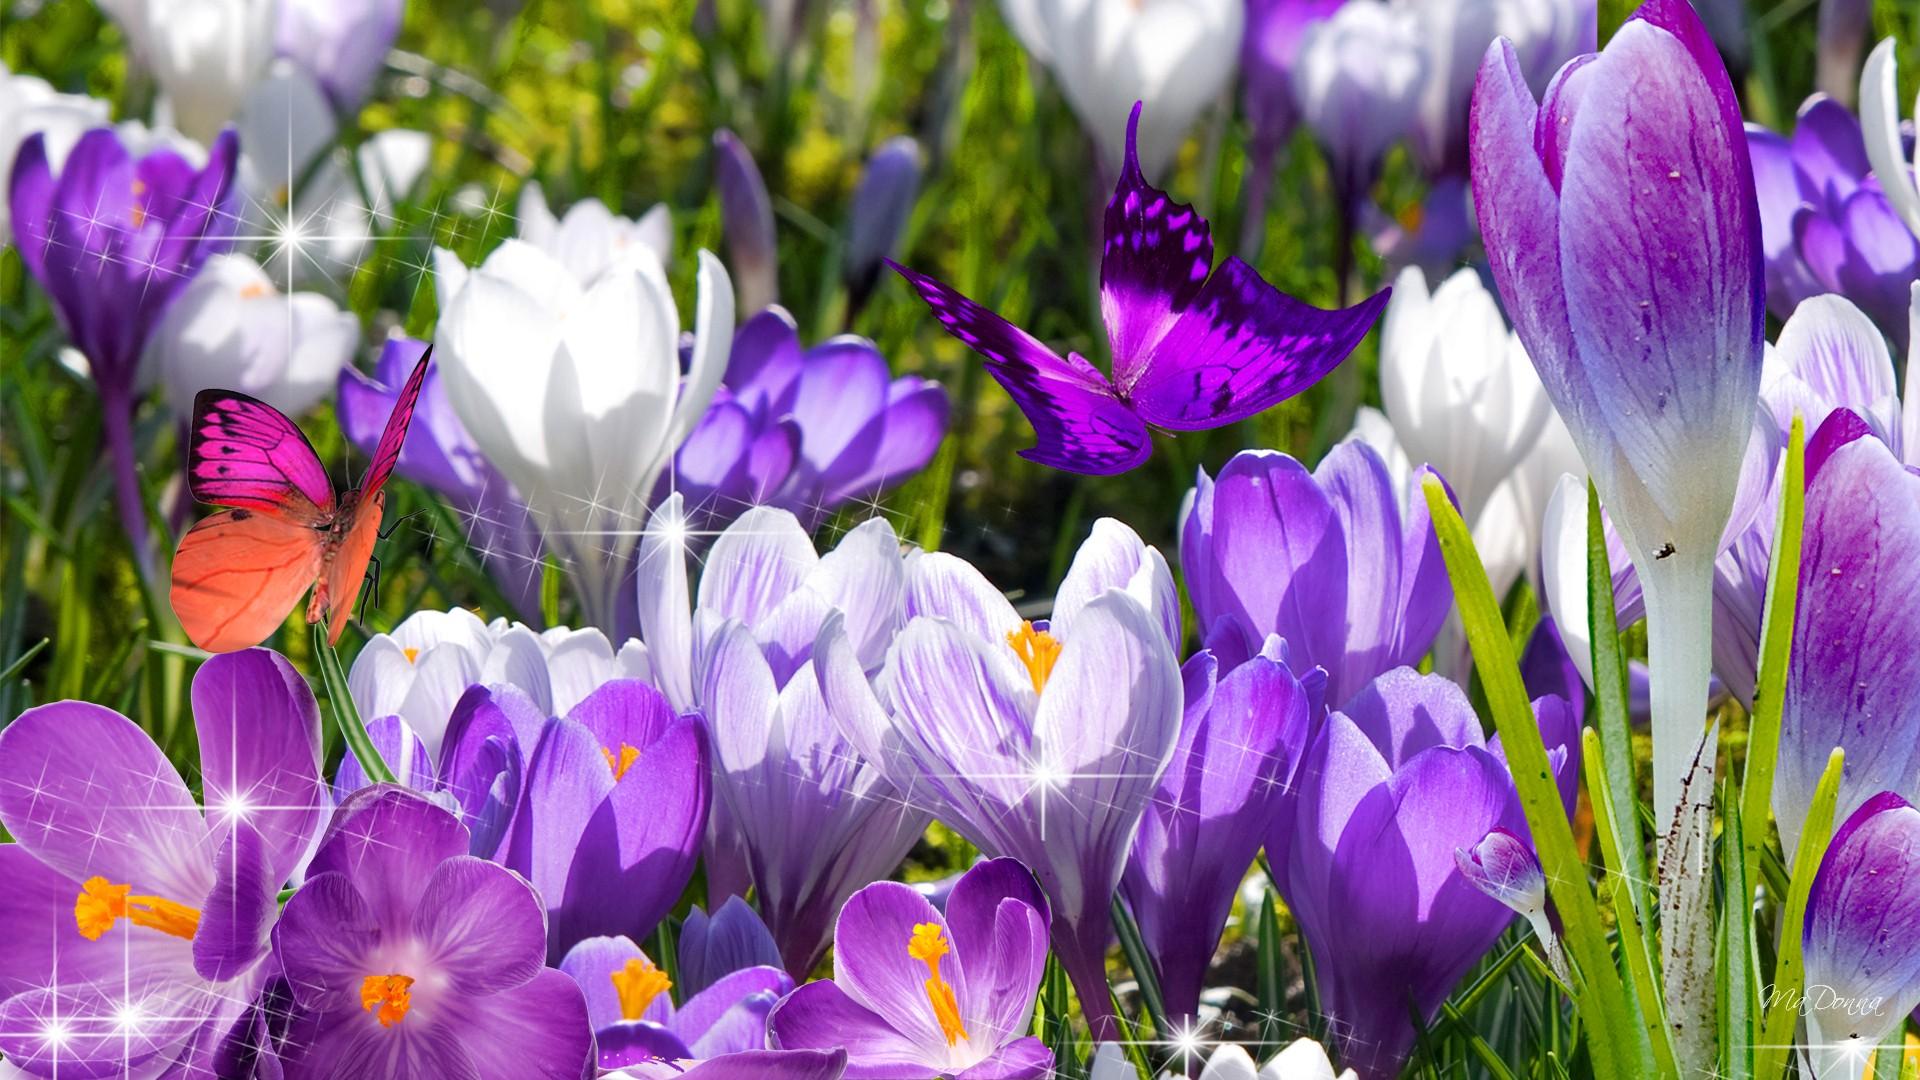 download de eerste bloemen springs wallpaper ForWallpapercom 1920x1080